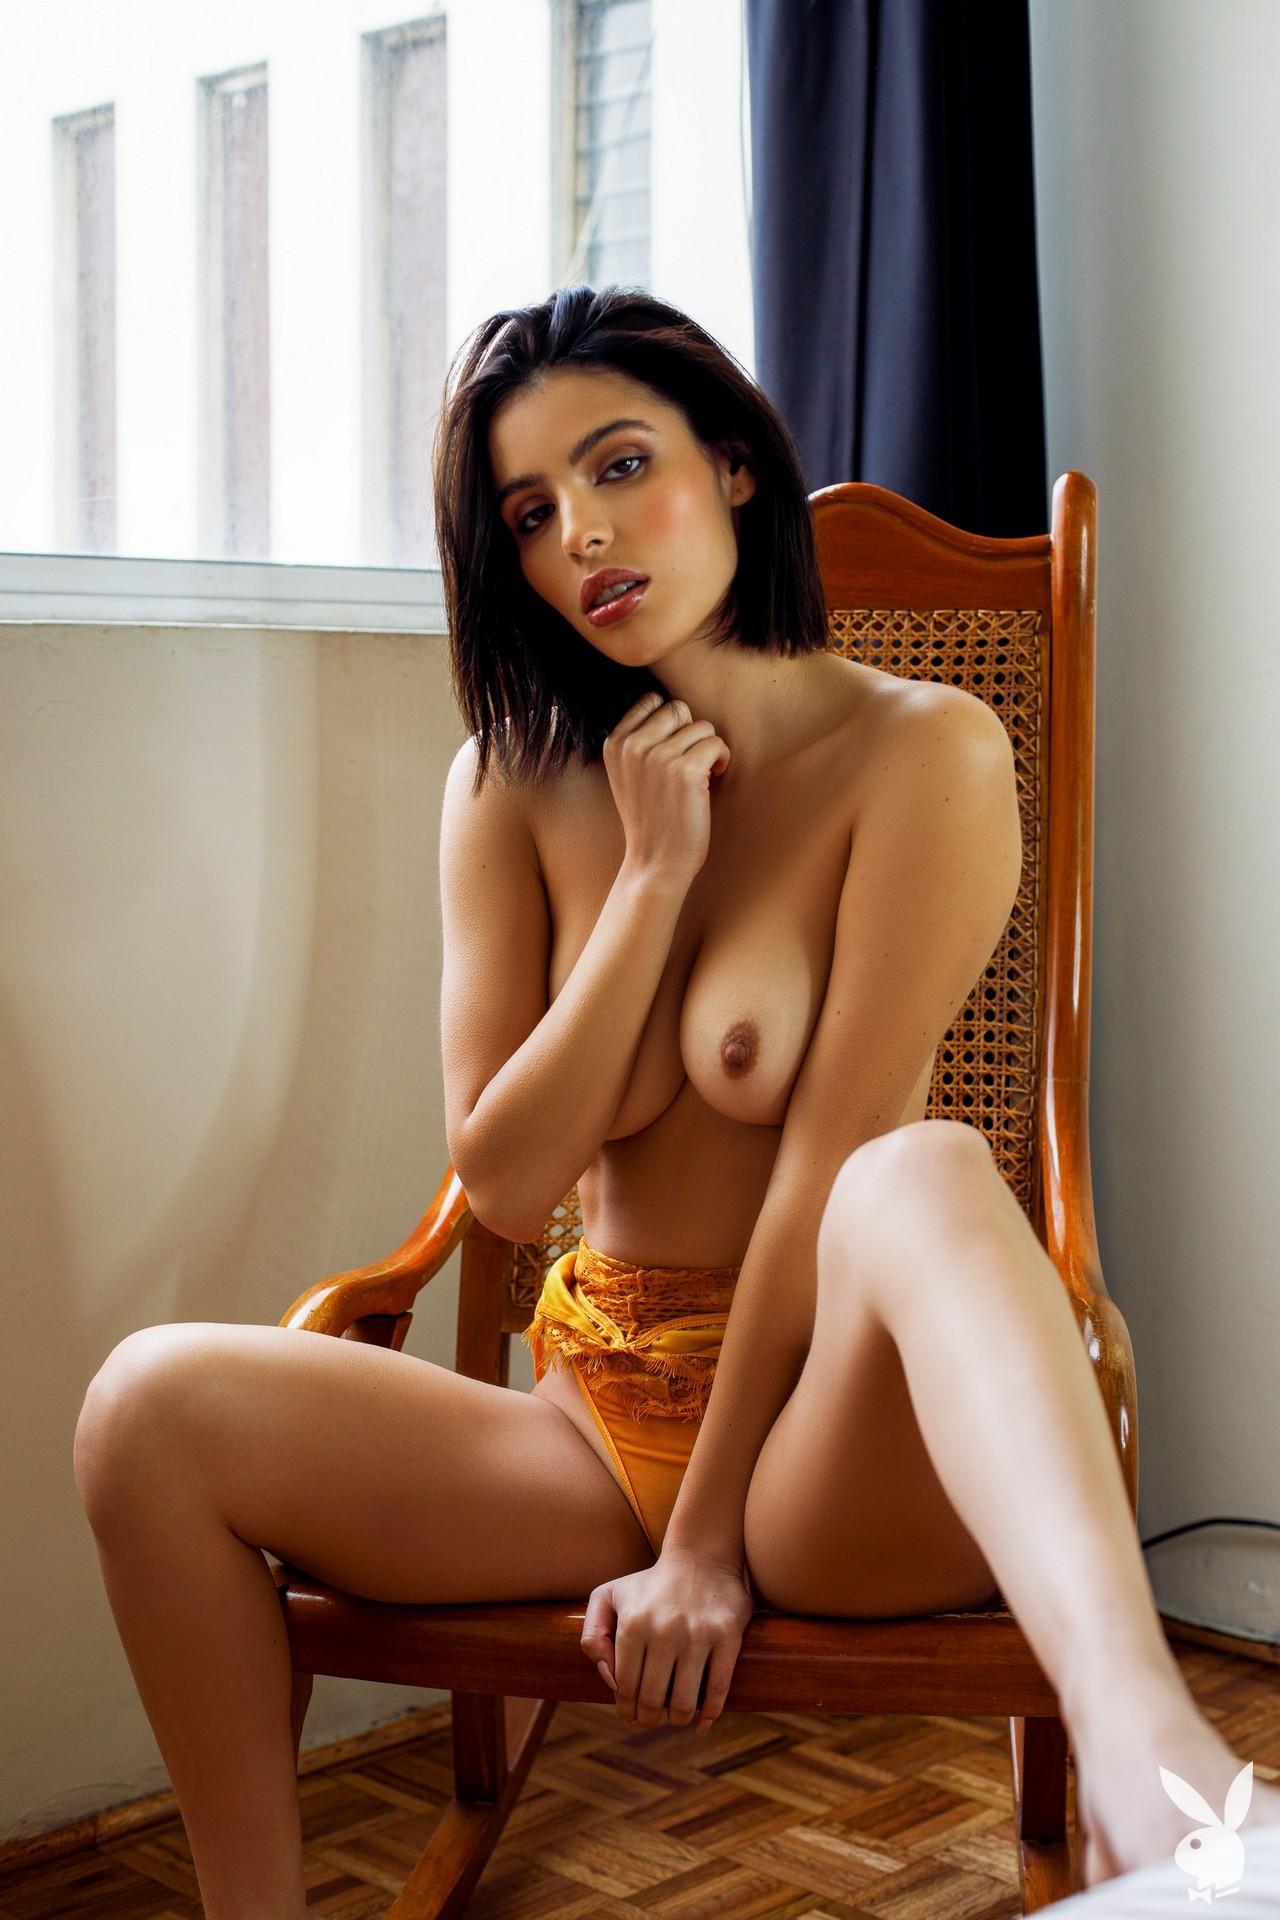 Fernanda Pacheco - Playboy photoshoot